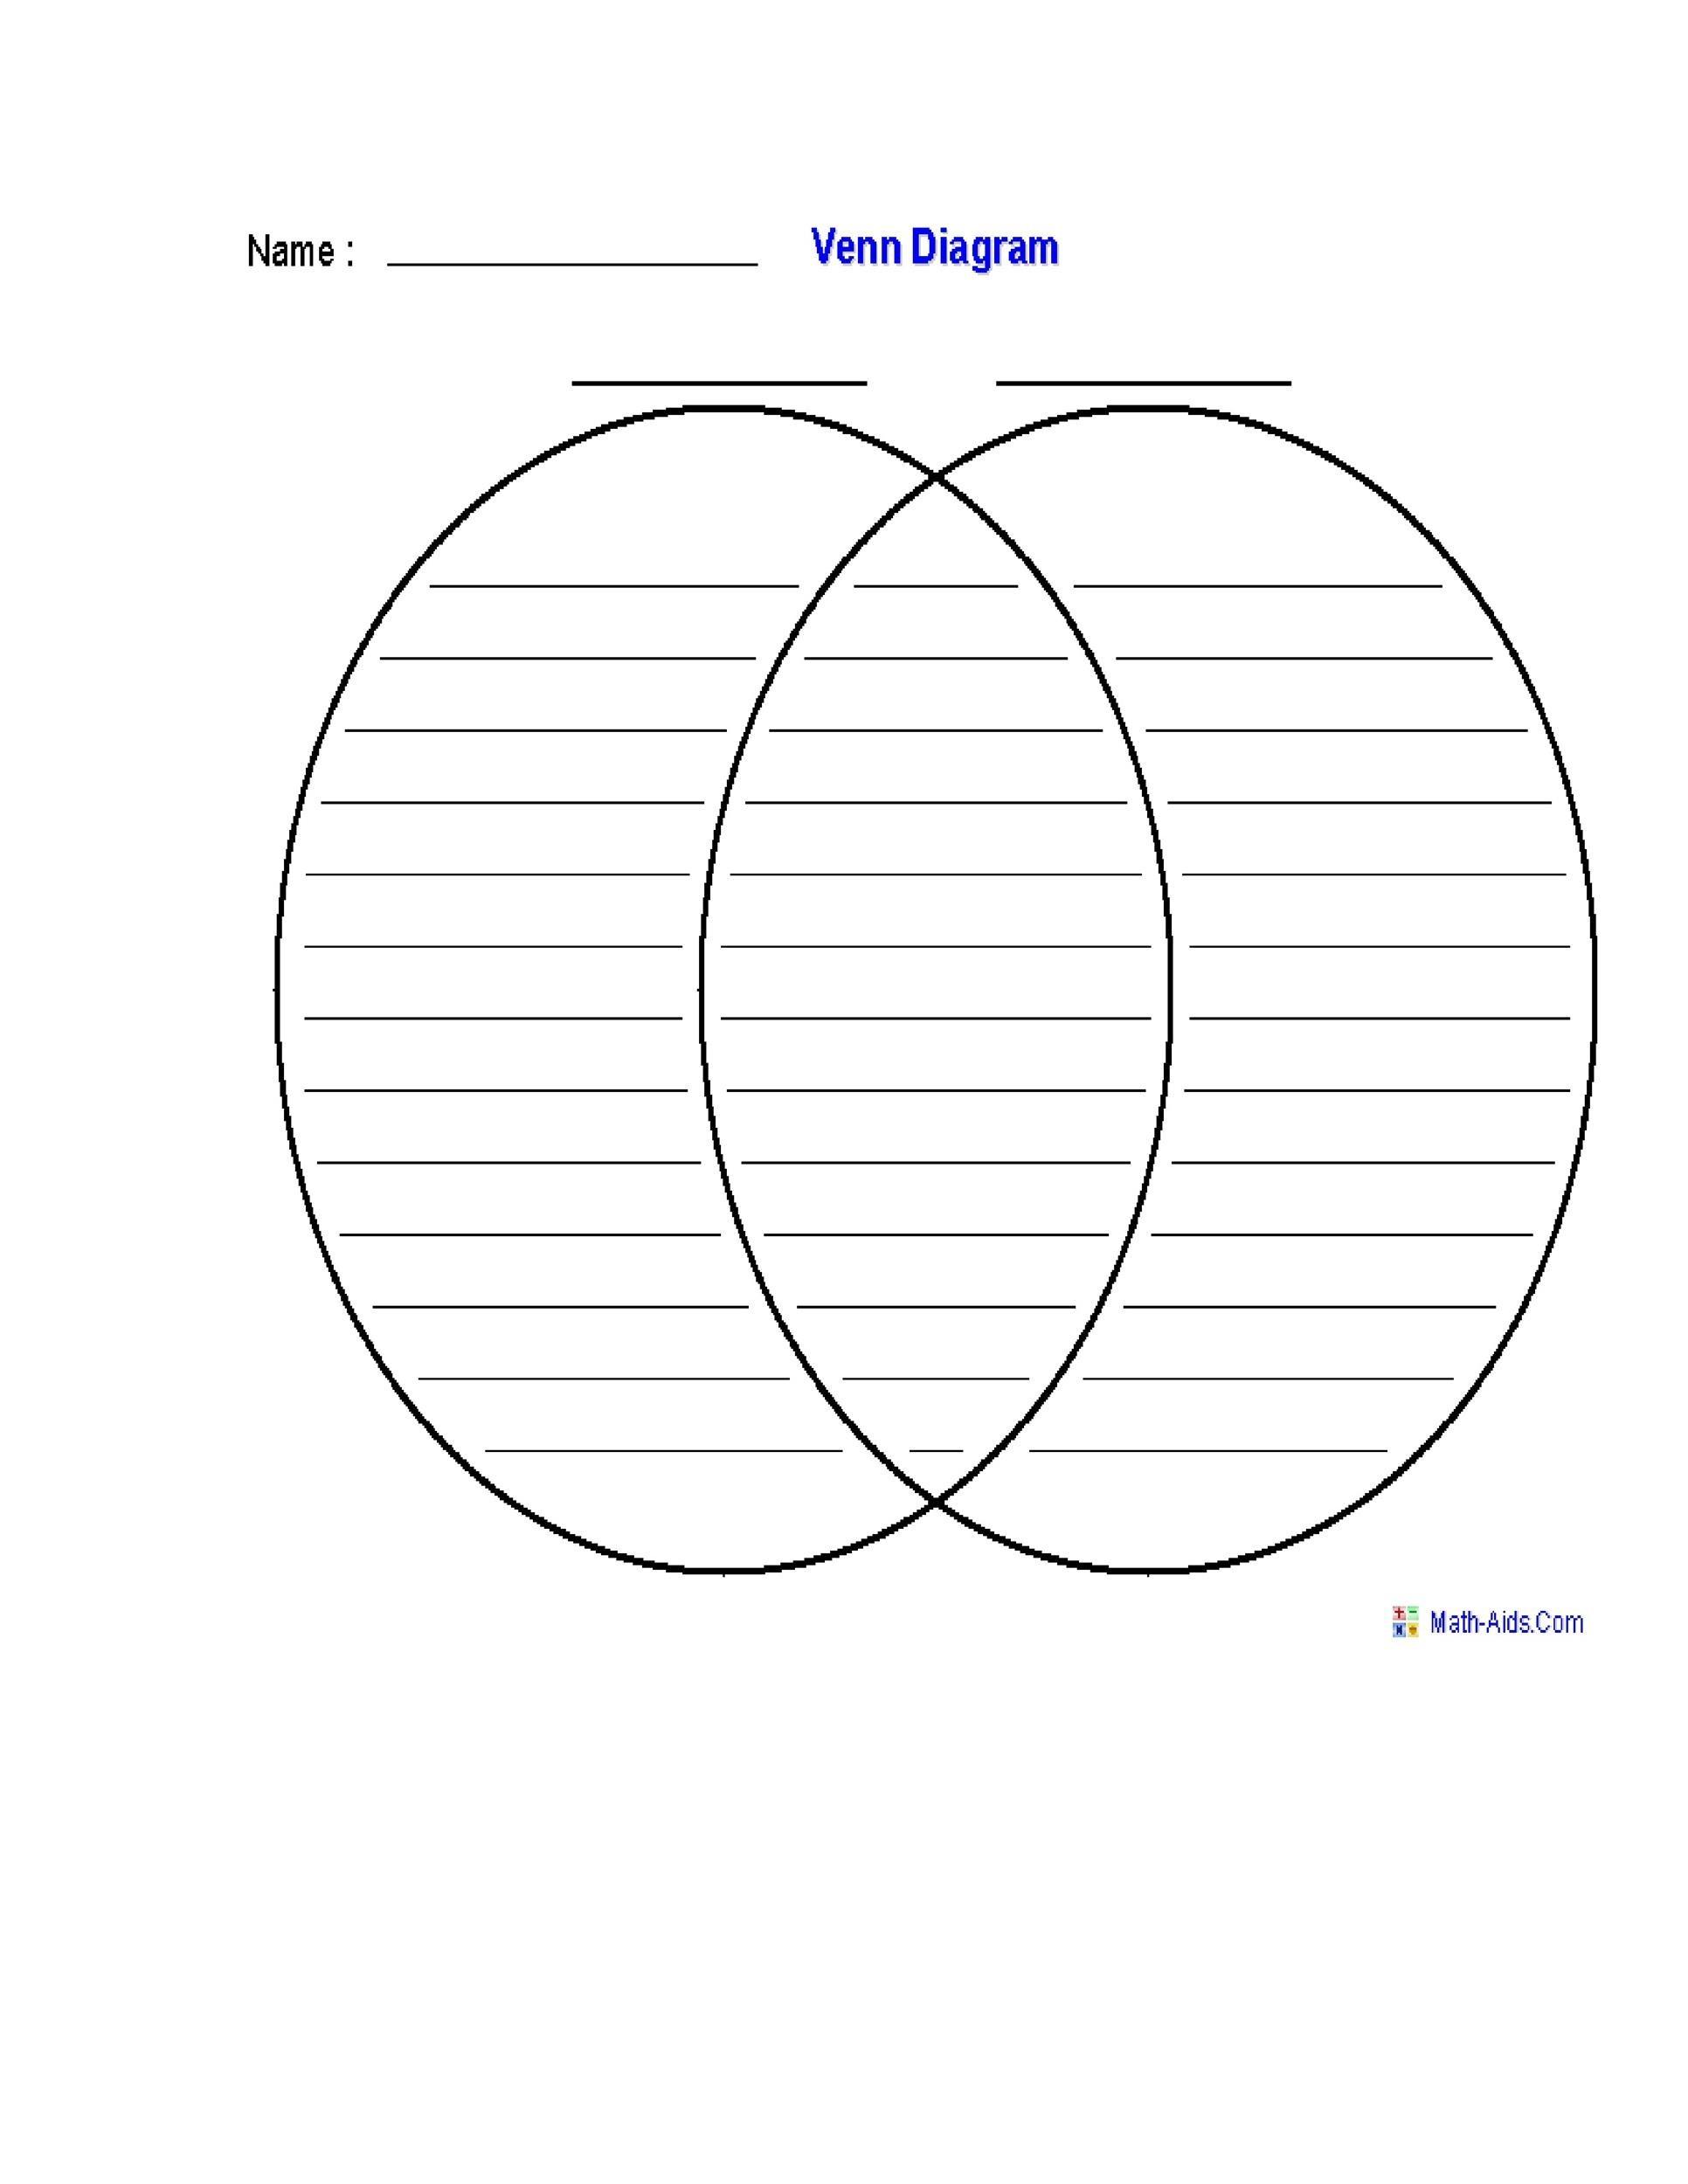 hight resolution of venn diagram gallery wiring diagram forward venn diagram image blank venn diagram gallery